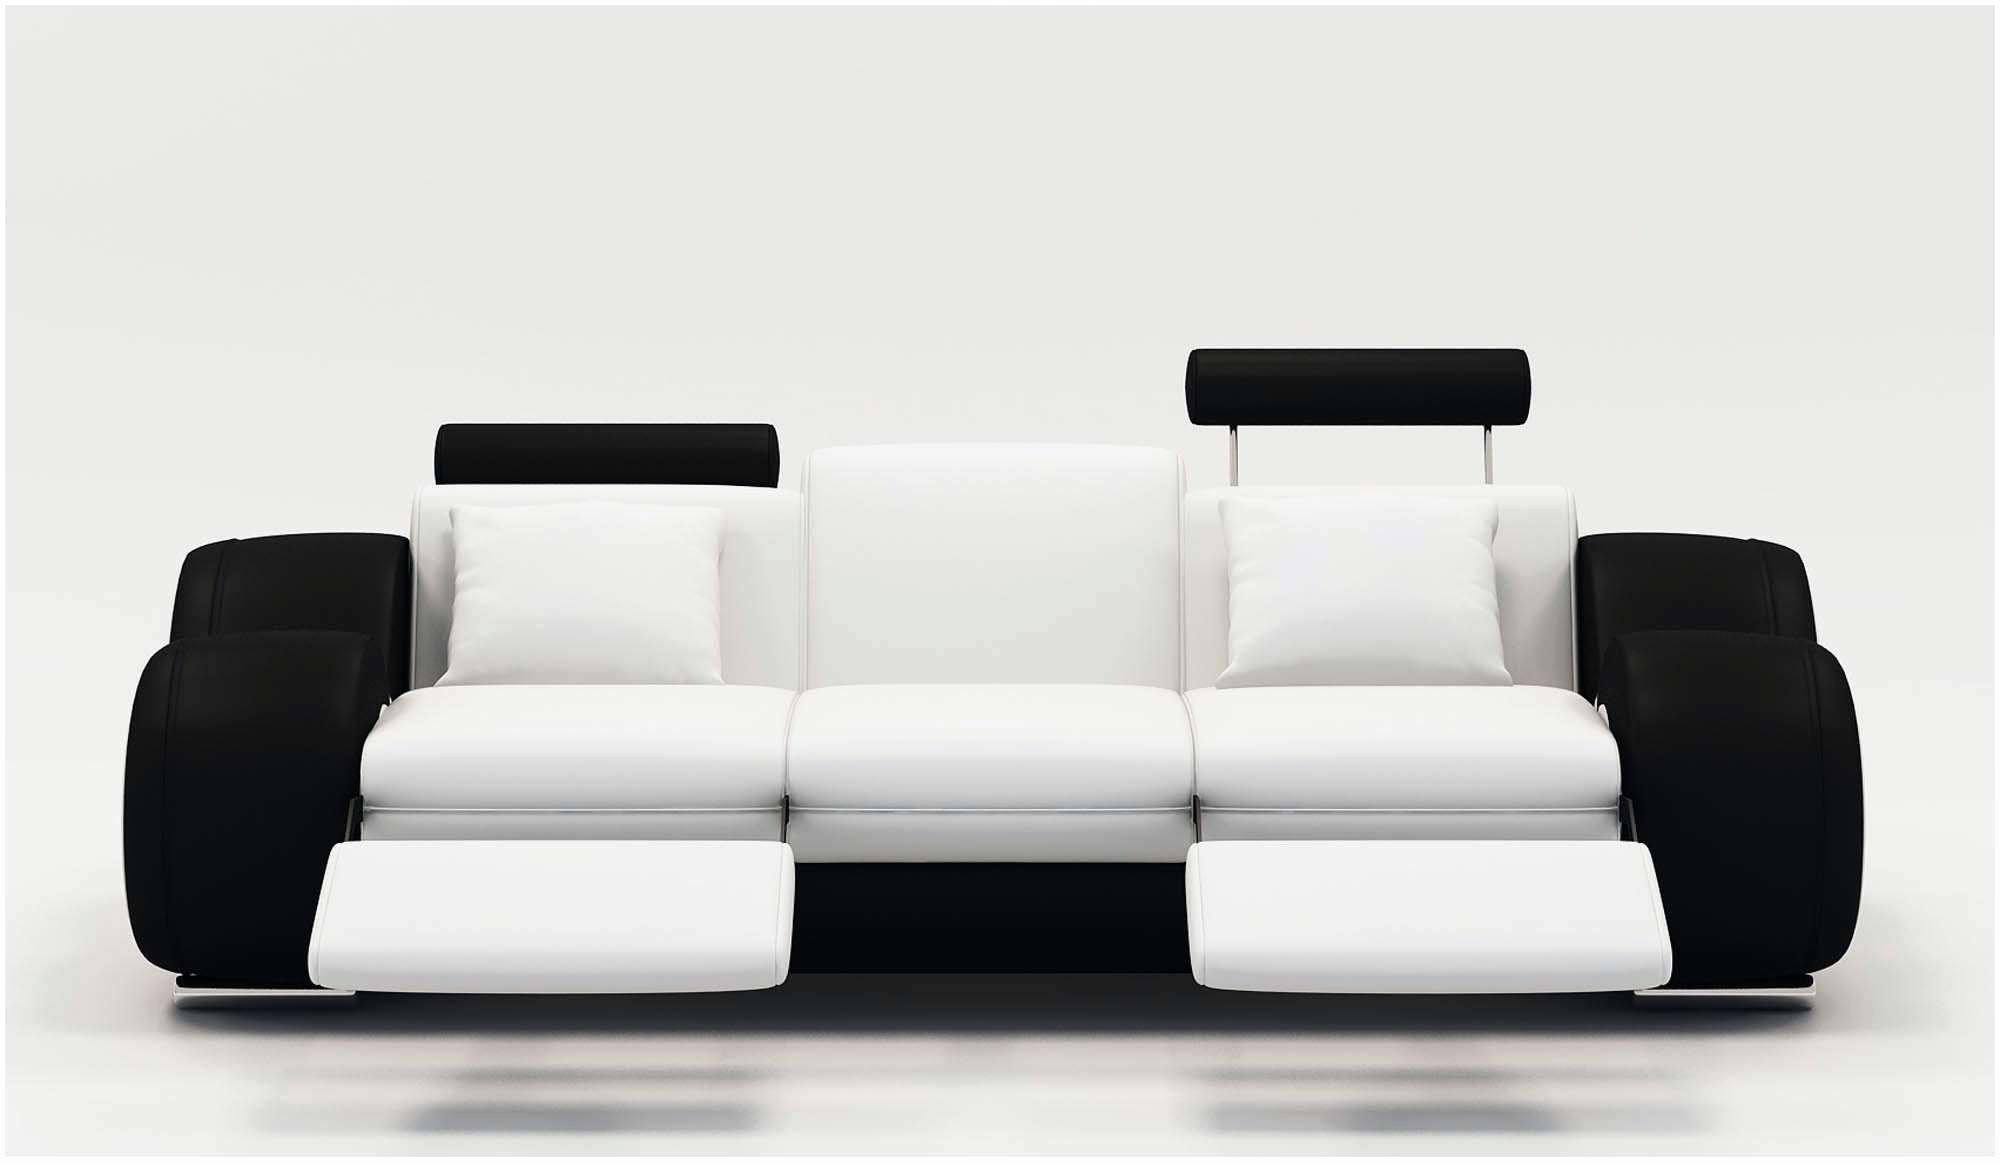 Beau Canape Relax Electrique Pas Cher - Luckytroll avec Canapé Relax Électrique Ikea